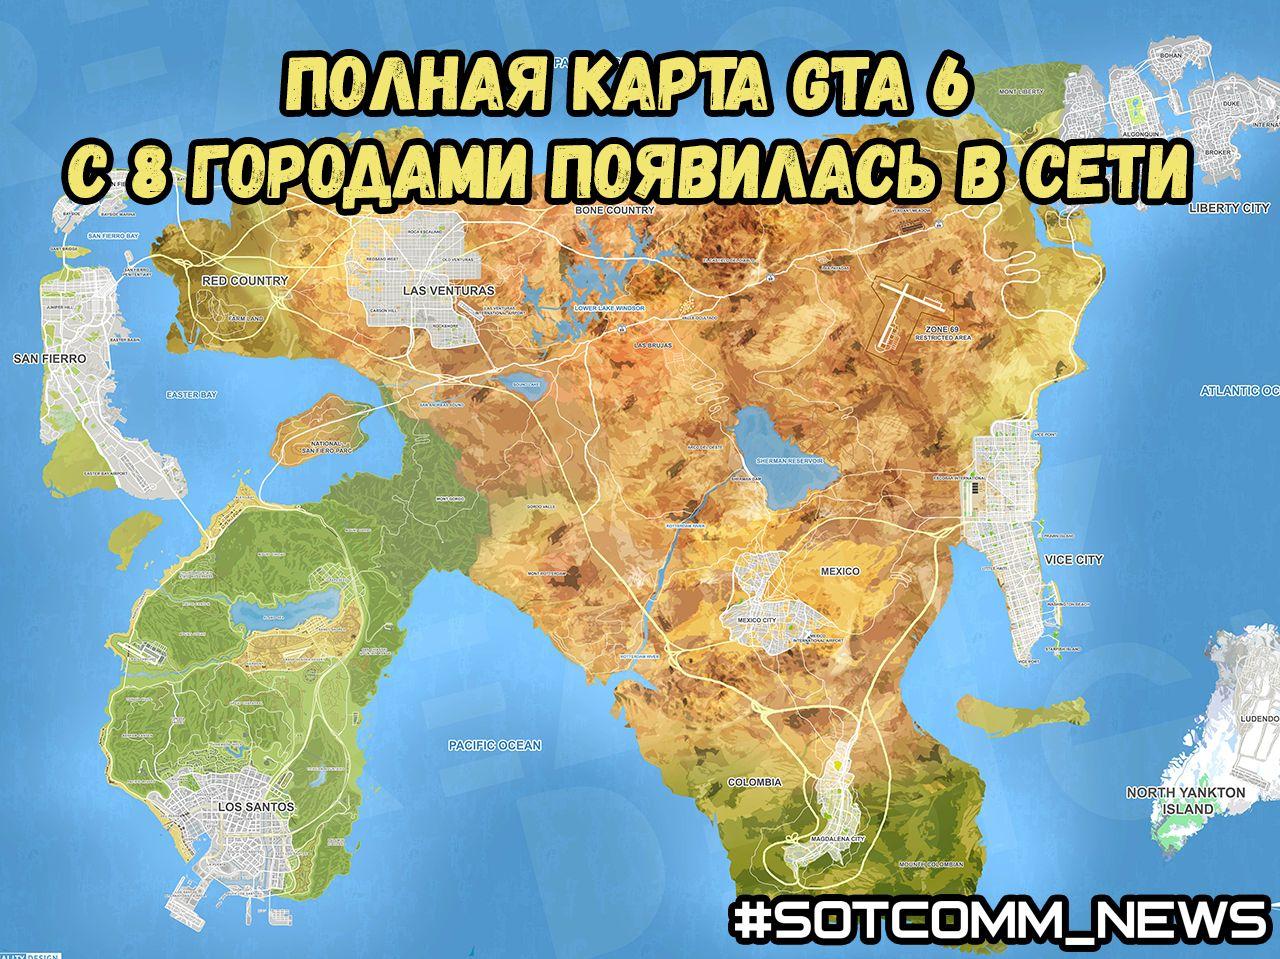 Полная карта GTA 6 с 8 городами появилась в сети